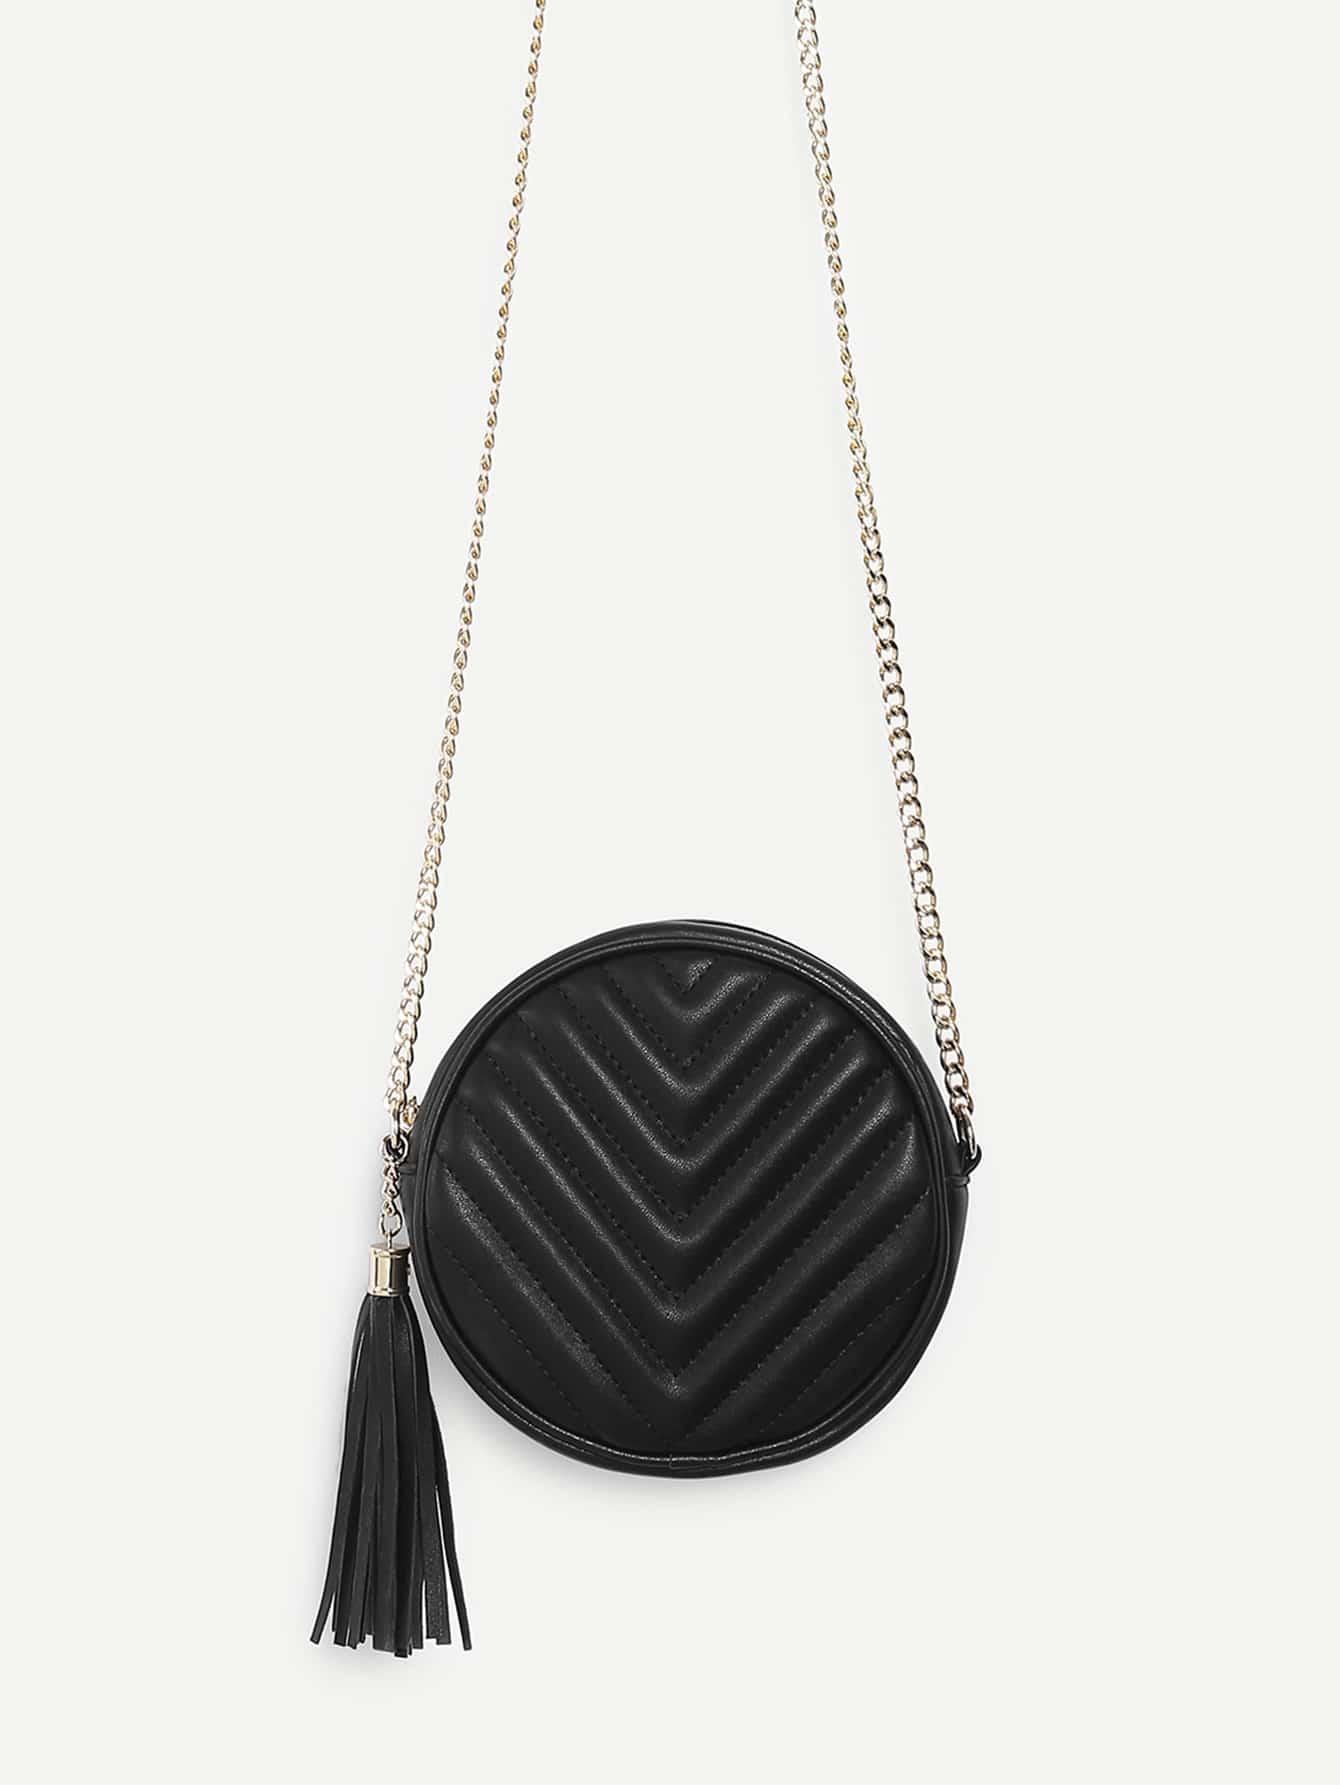 Tassel Detail Ball Design Chain Bag tassel detail studded chain bag